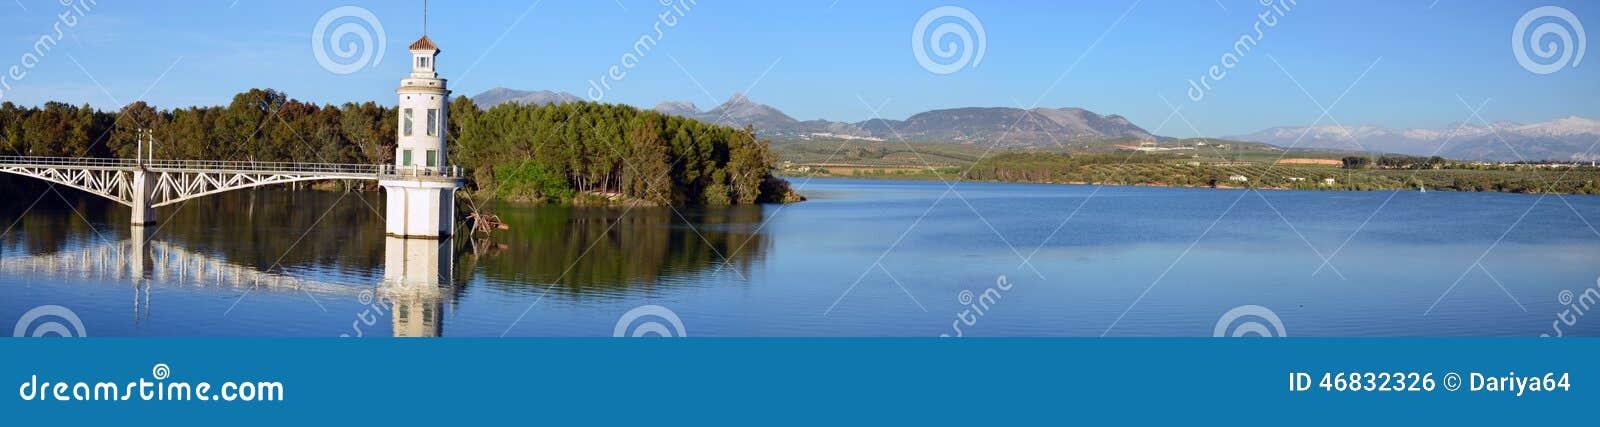 Panorama de réservoir de Cubillas dans le ptovance de Grenade dedans et